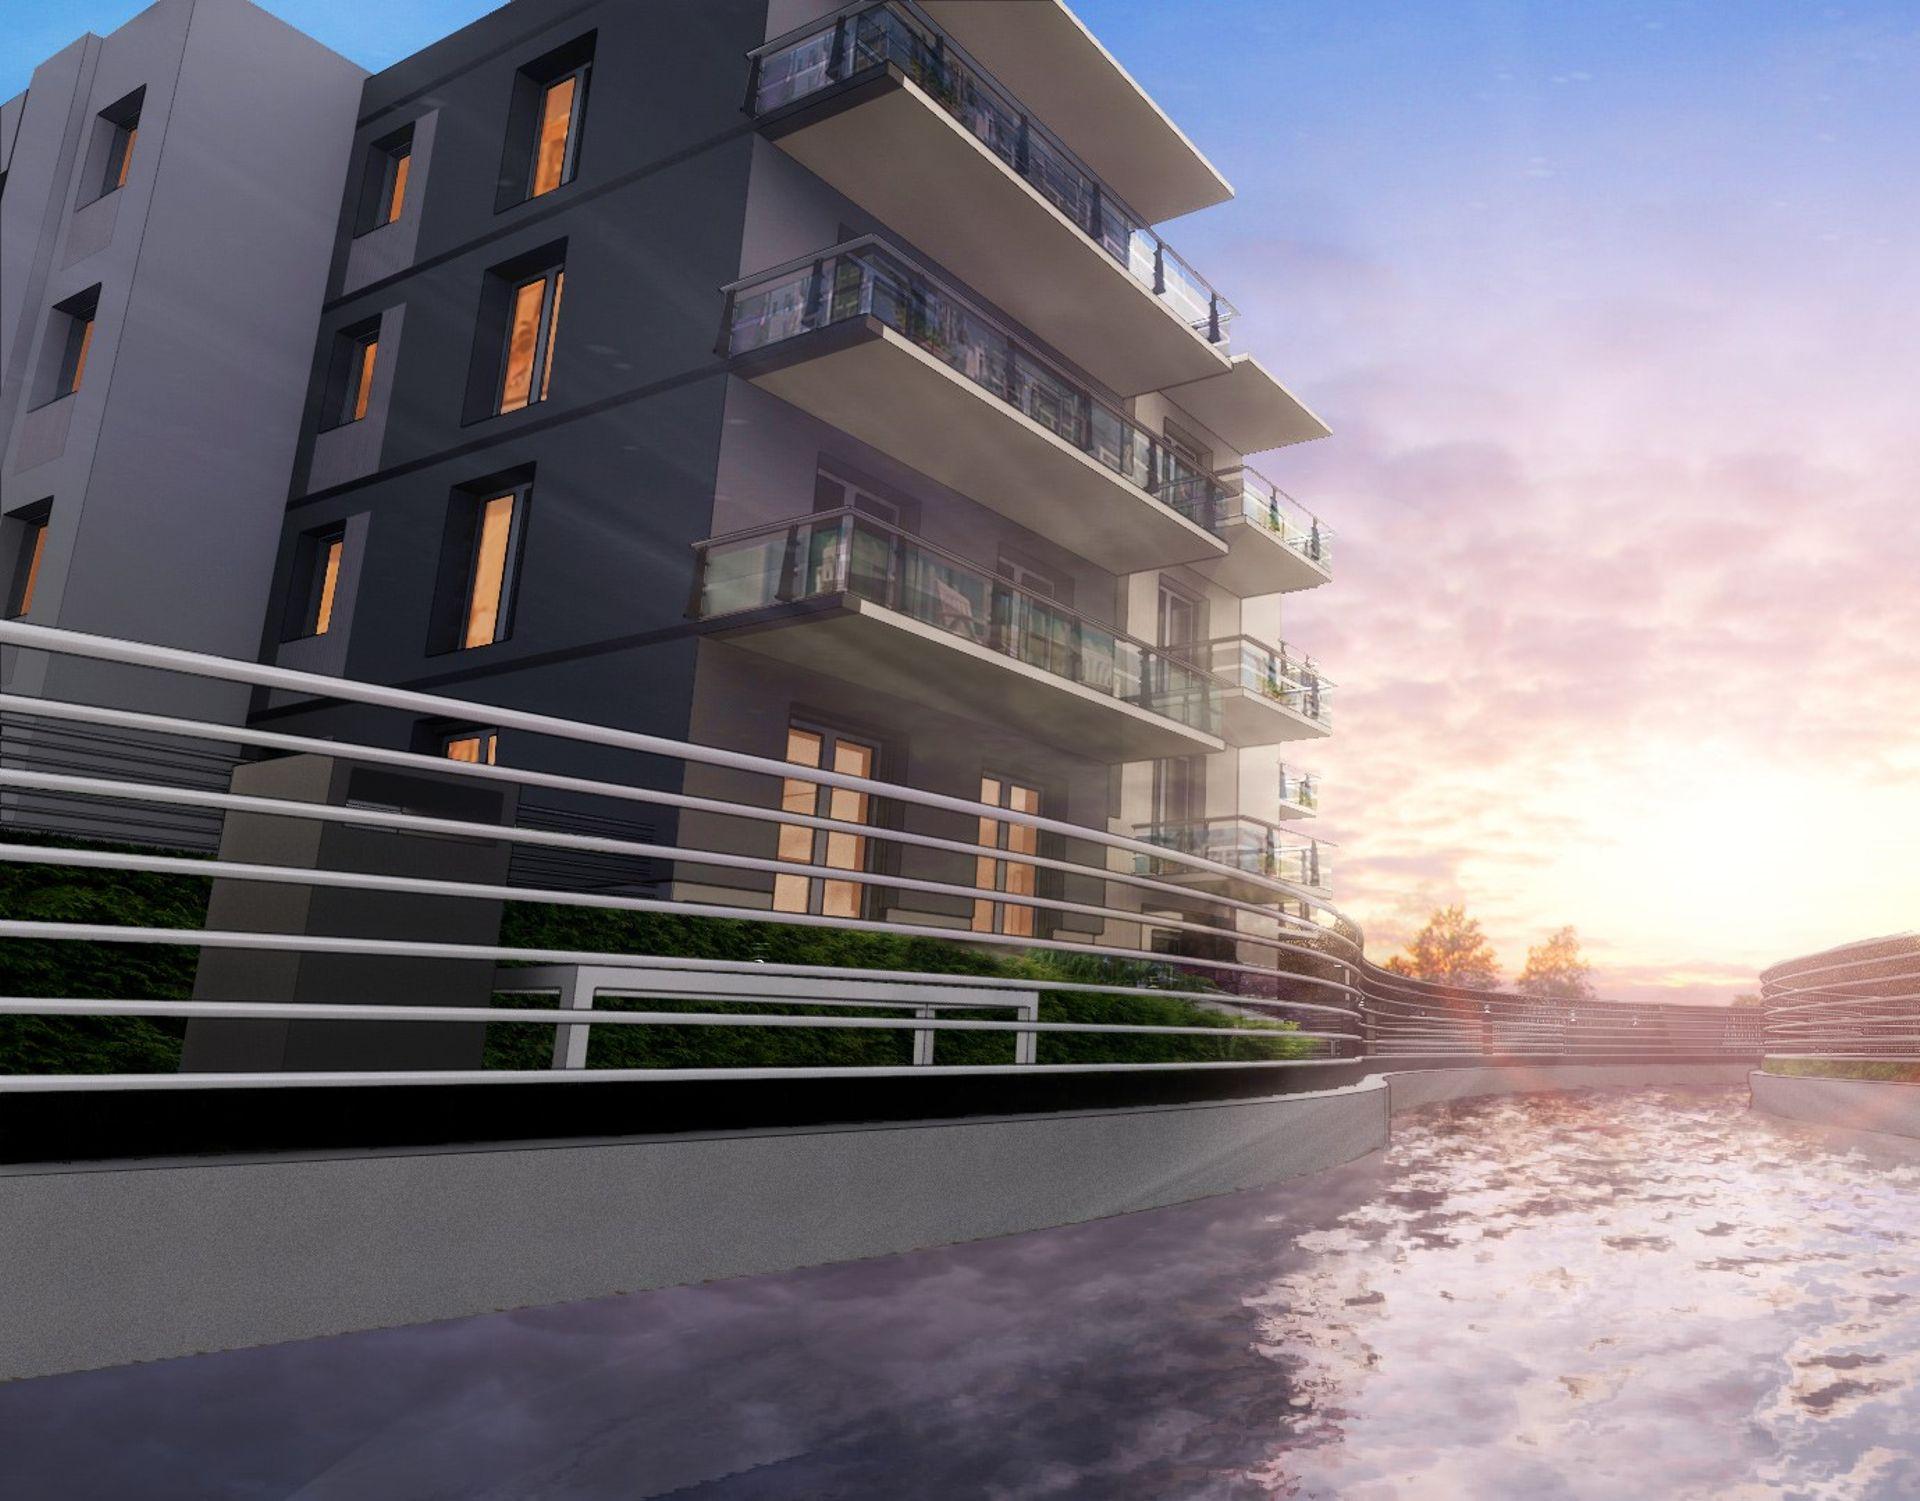 Warszawa: Młoda Białołęka – ponad 500 nowych mieszkań od PHN. Na start zbuduje siedem bloków [WIZUALIZACJA]